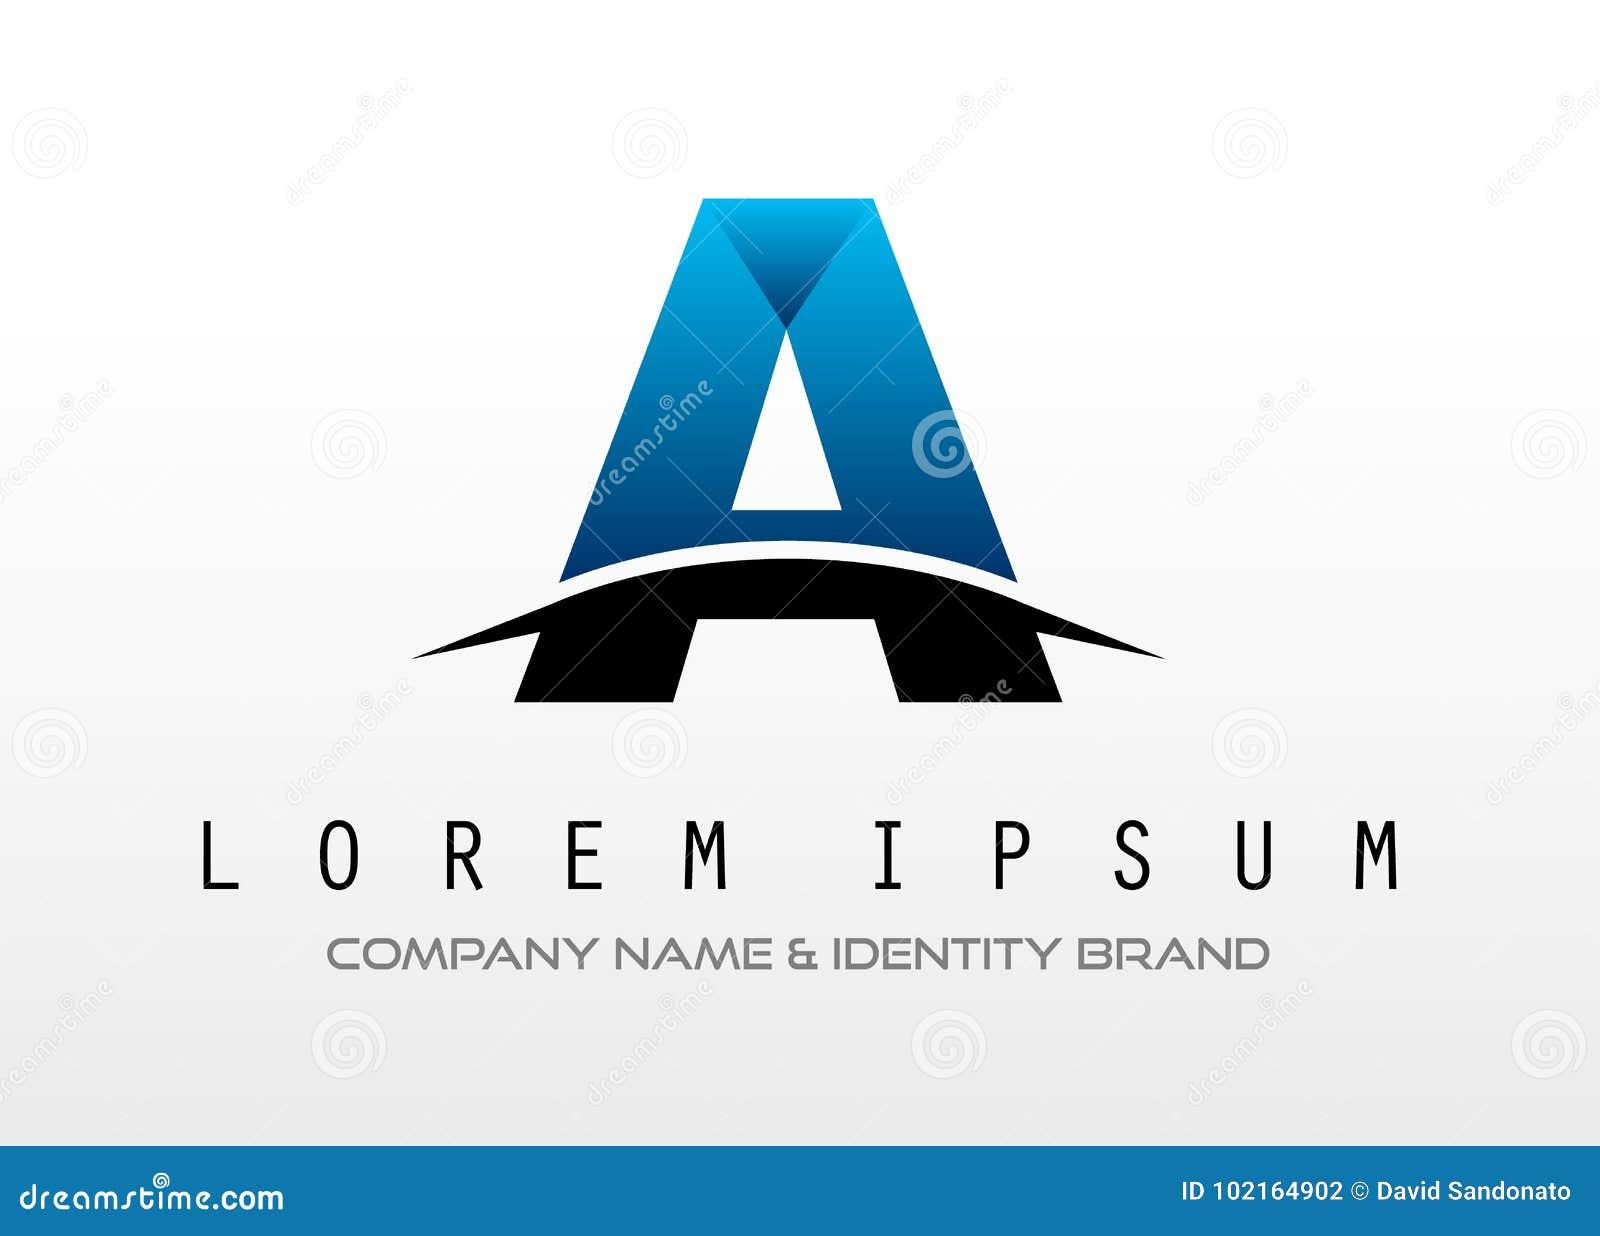 Creative Logo letter design for brand identity, company profile